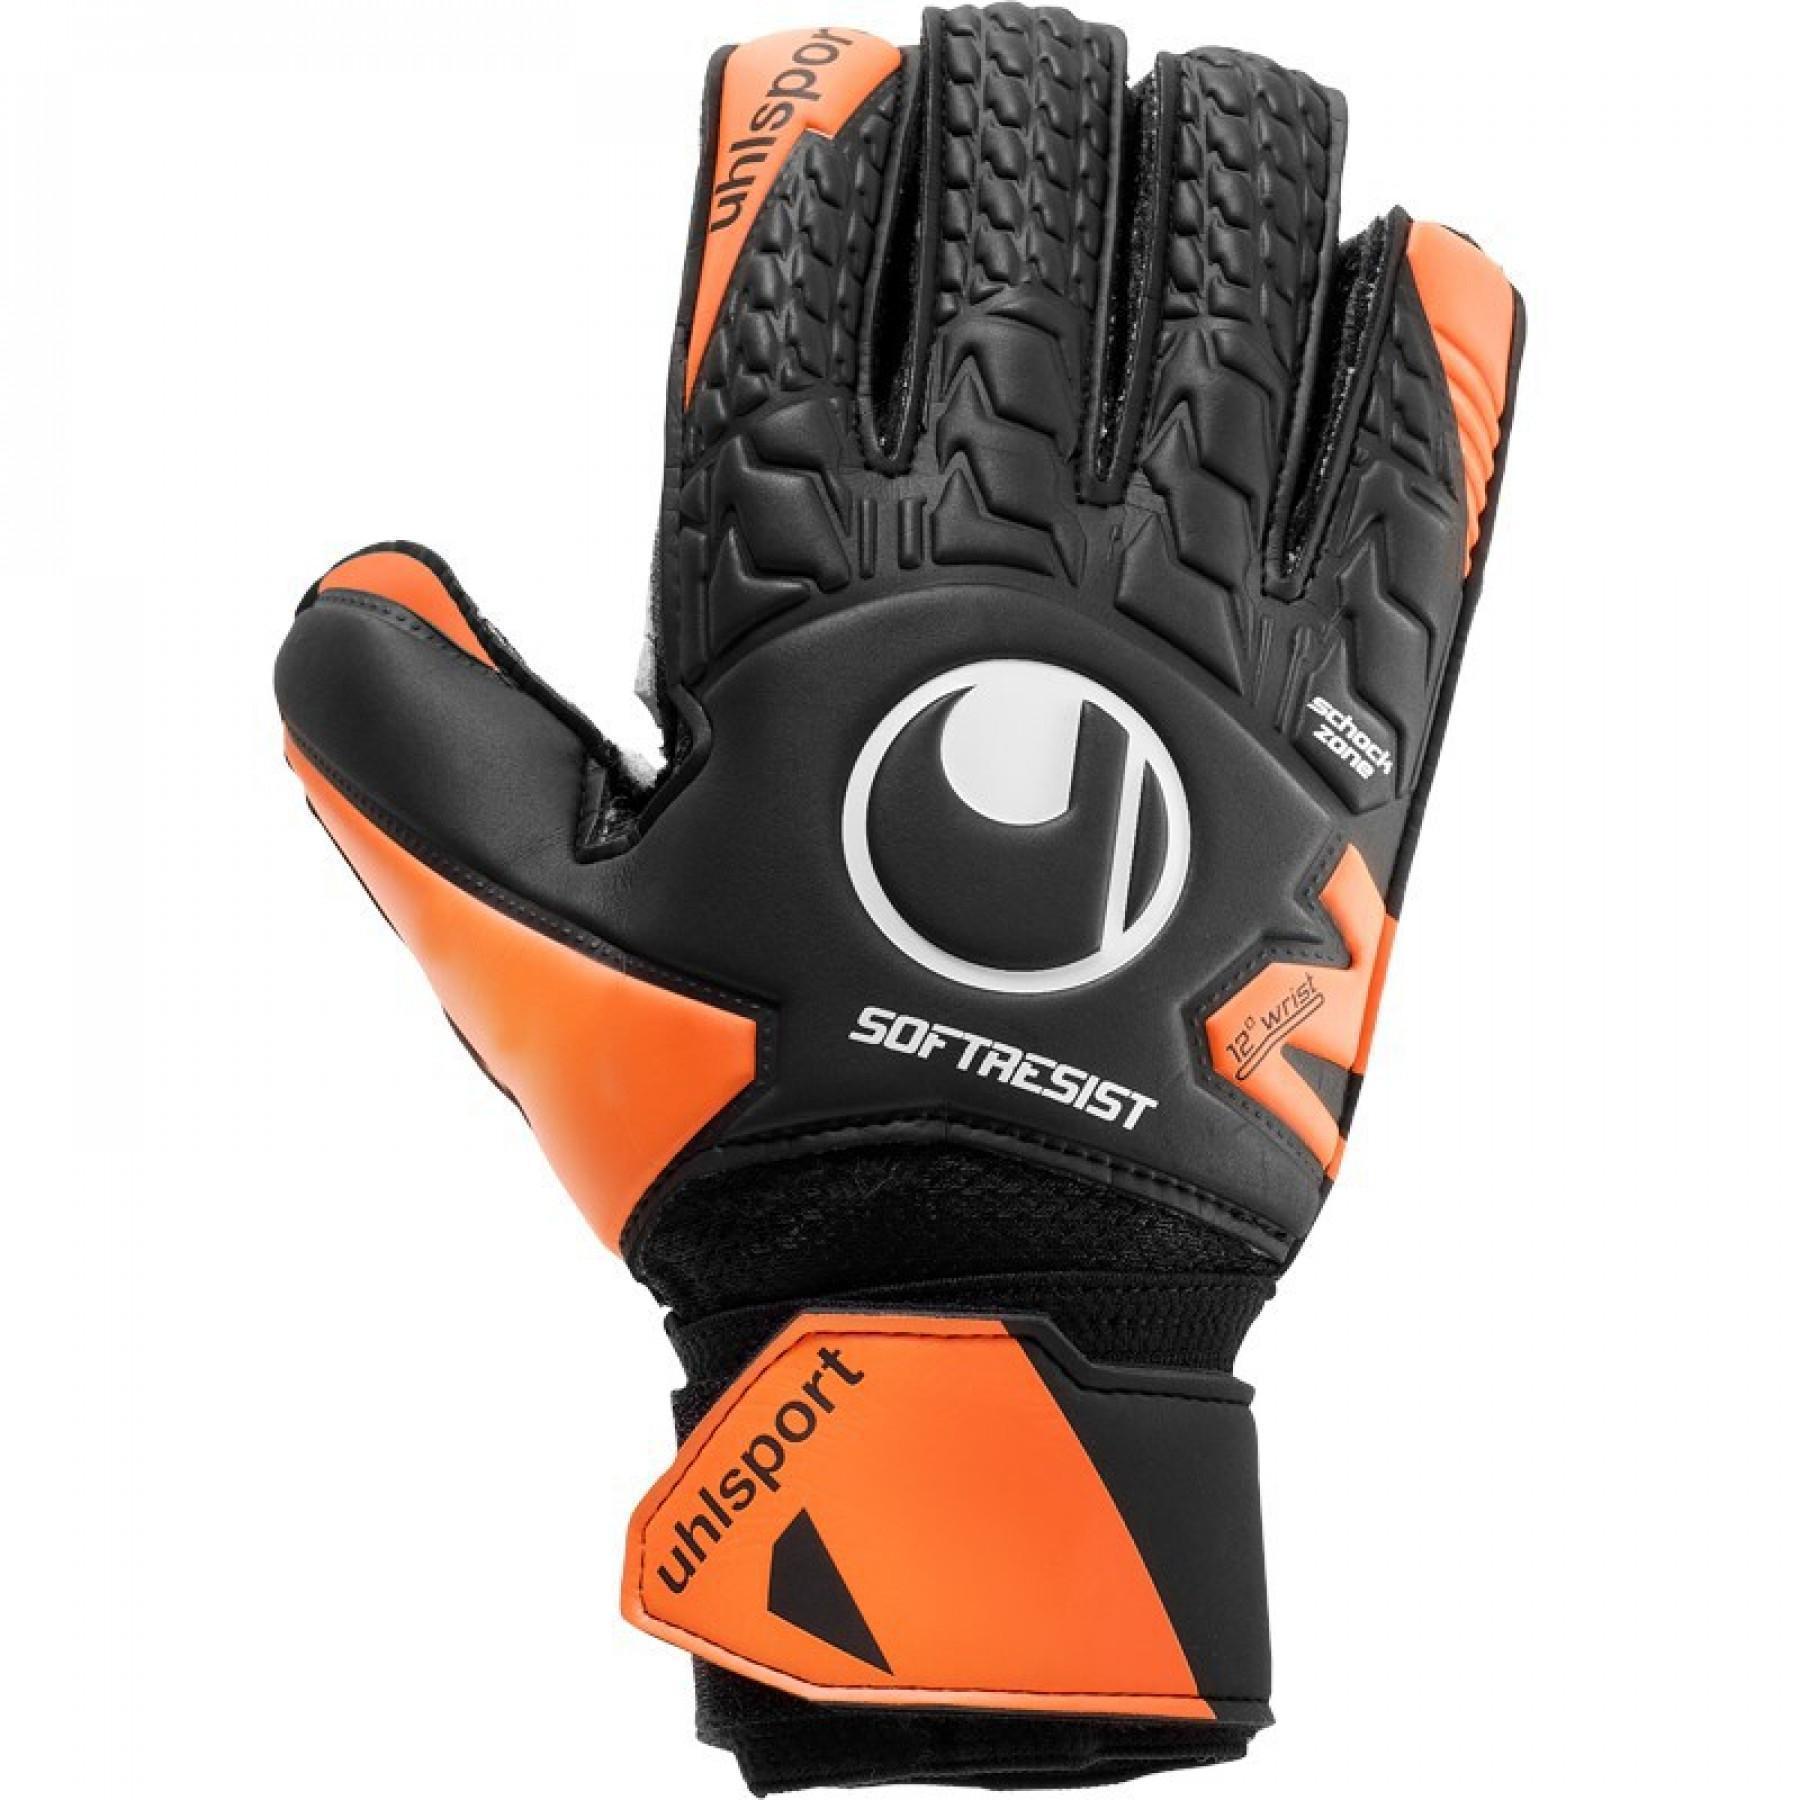 Goalkeeper gloves Uhlsport Soft Resist Flex Frame